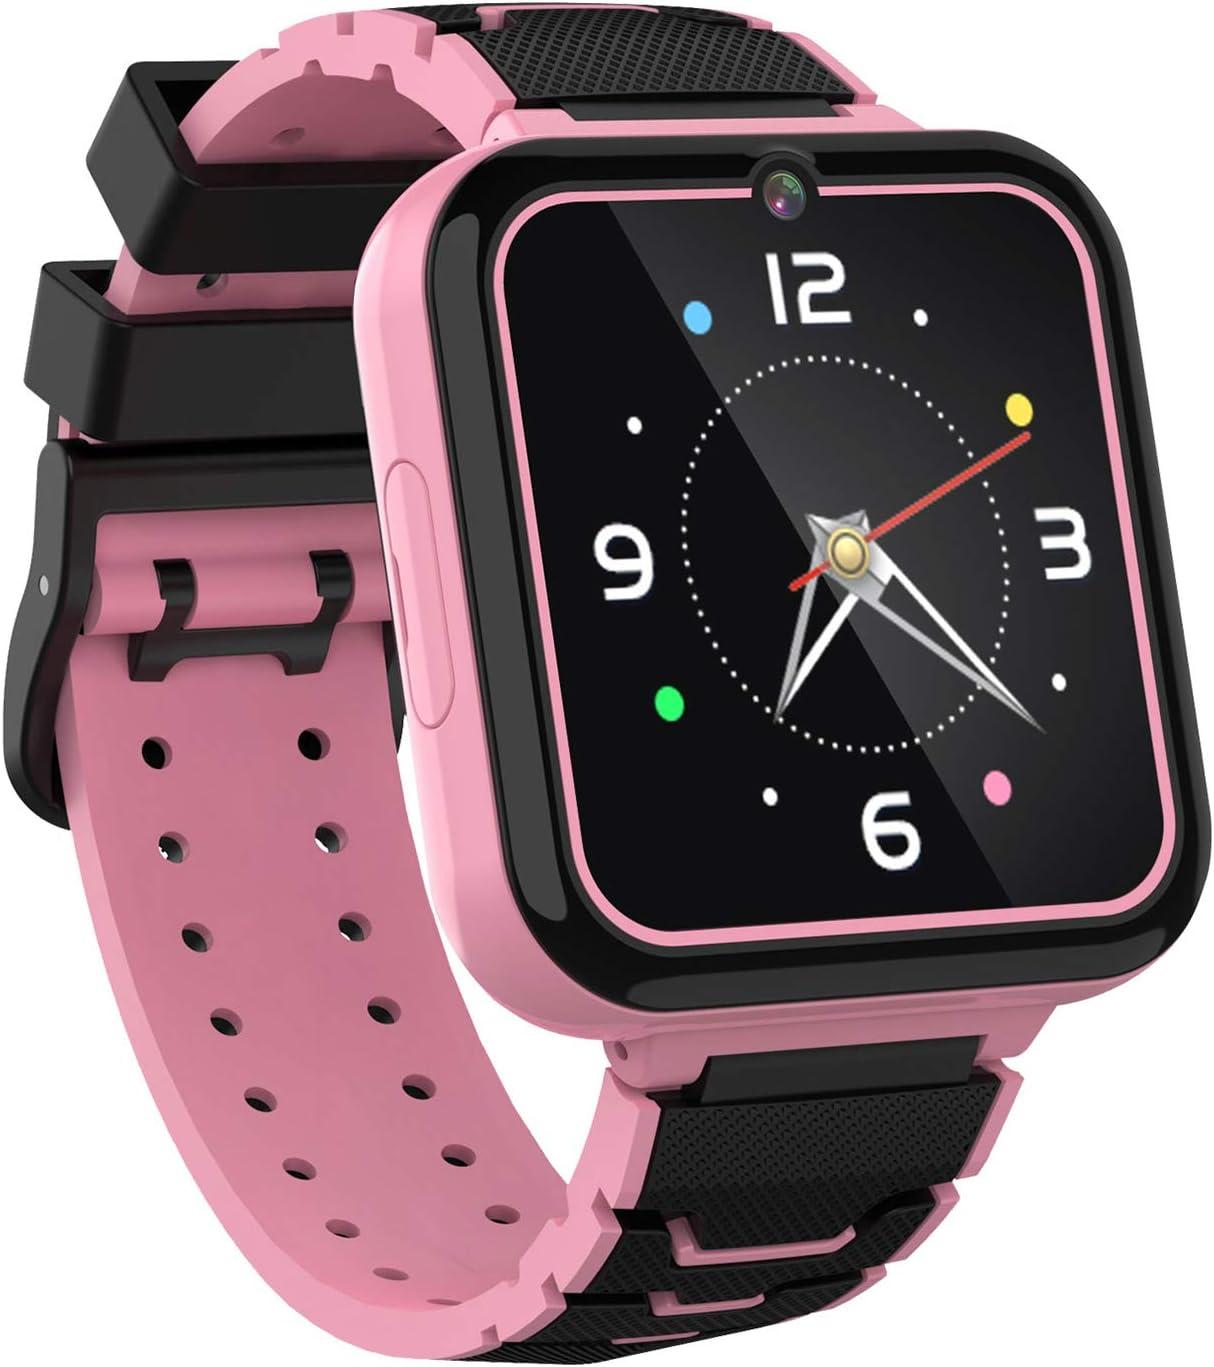 Reloj Inteligente para Niños Smartwatch Teléfono-Pantalla Táctil HD con Música Juego Linterna Llamar SOS Cámara Despertador Juguetes de Aprendizaje Niños Regalo con Ranura para Tarjeta SIM (Rosa)